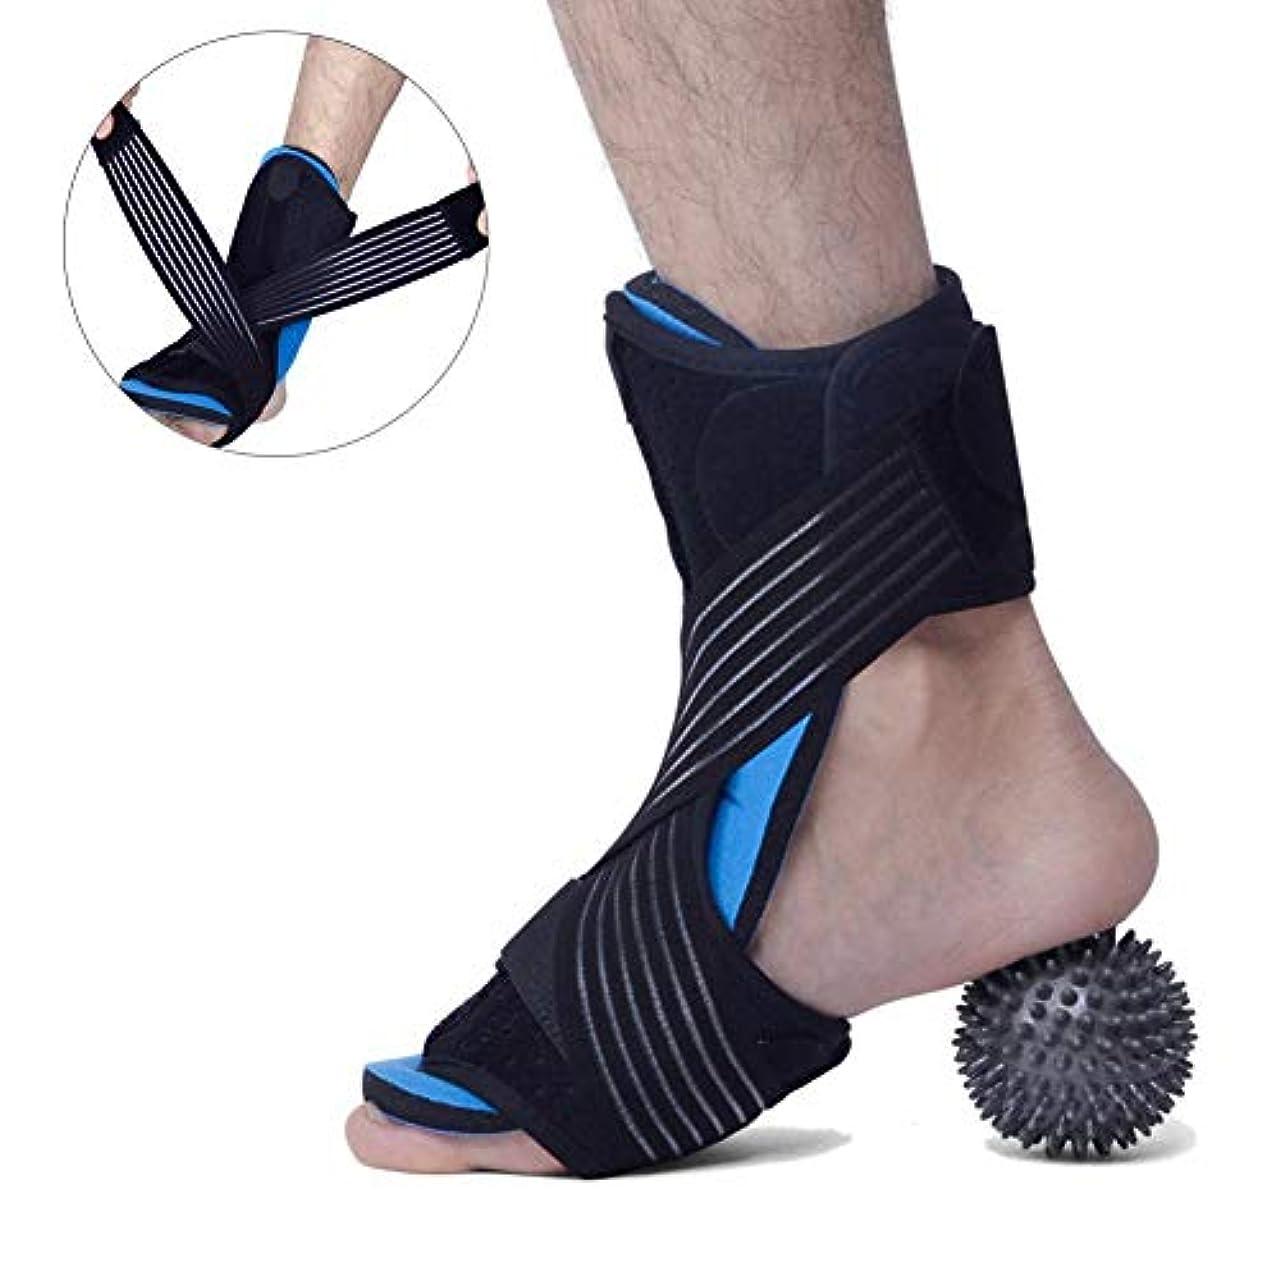 求める移動する重なるBrill(ブリーオ) マッサージ ボール 付き 調節 可能 な 足首 サポート スタビライザー 足底 筋 膜 炎 ナイト スプリント 足 装具 サポート 足底 筋 膜 炎 の 効果 の な 緩和 痛み 足底 筋 膜 炎